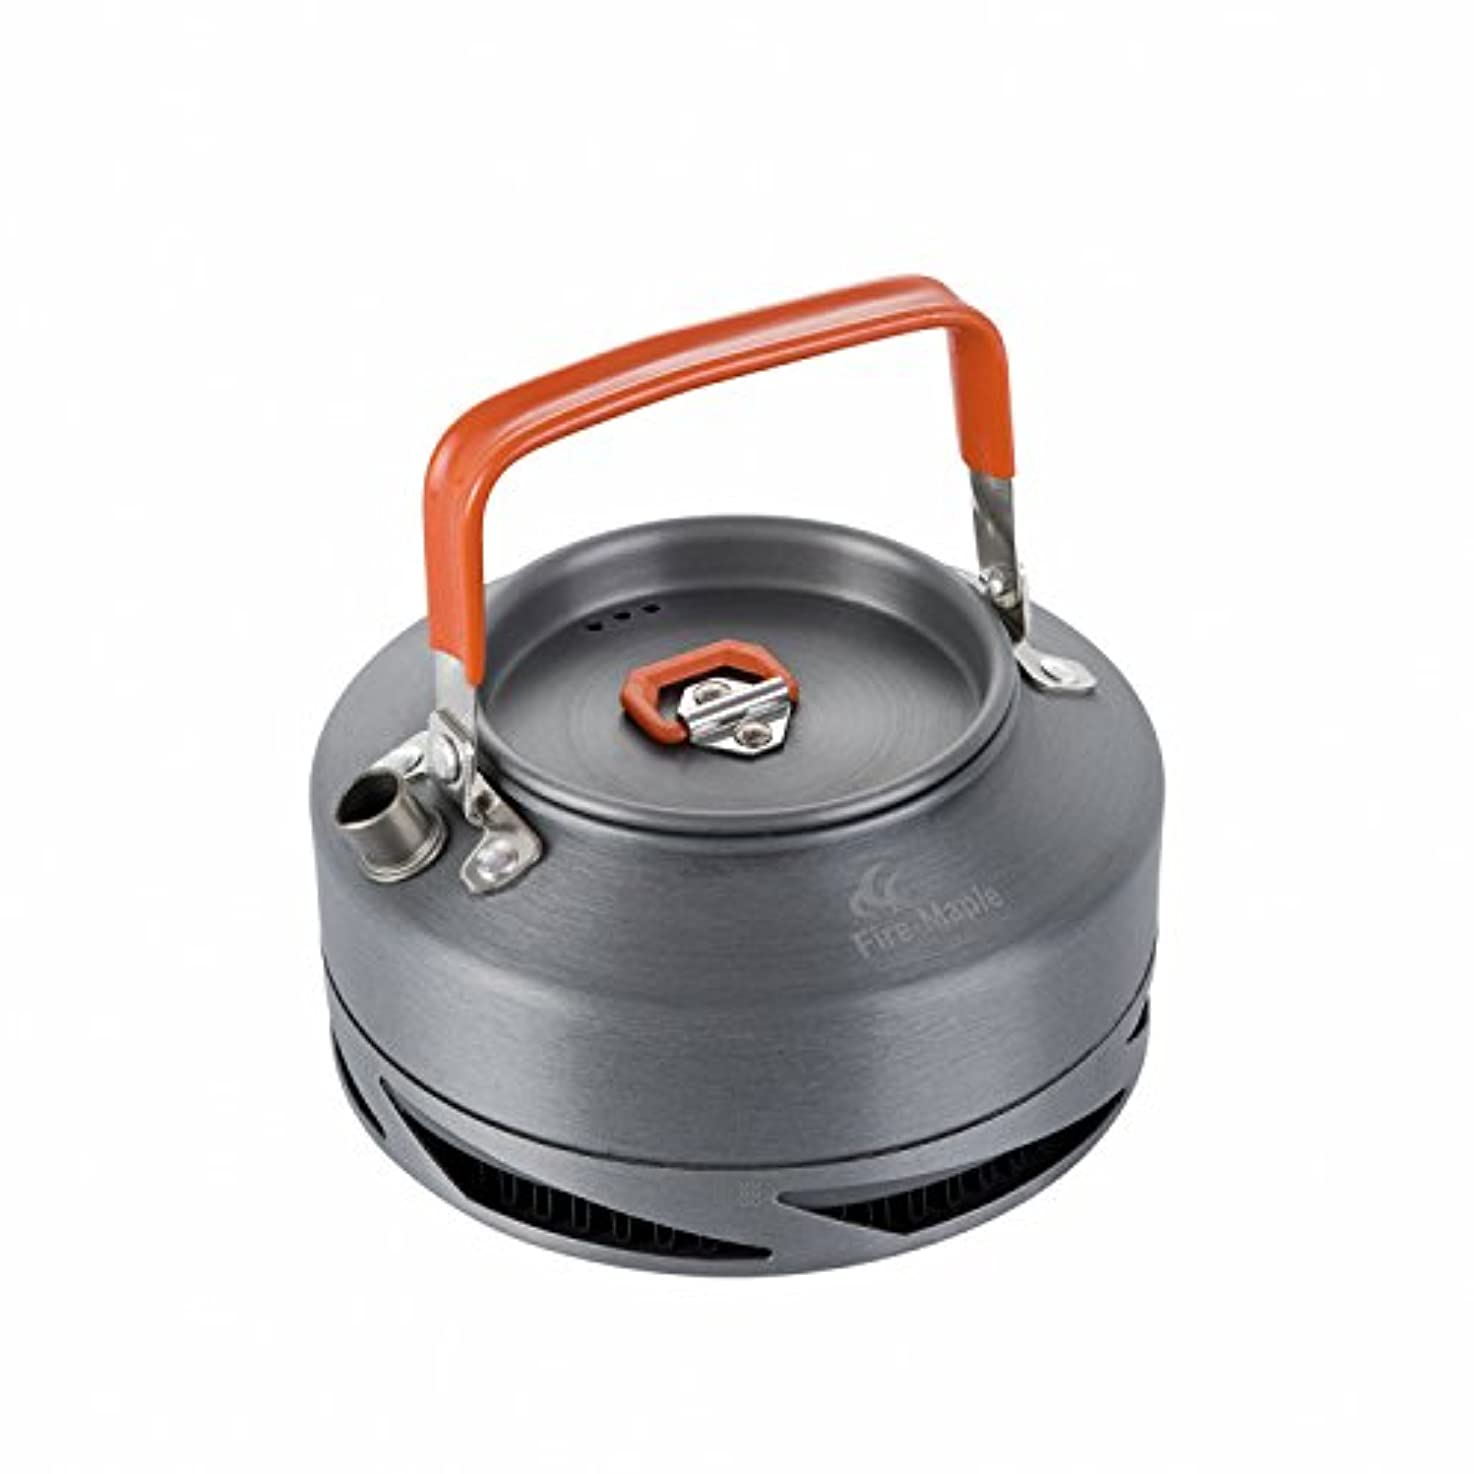 応援する投獄潮Fire-Maple FMC-XT1 アウトドア キャンプ ポータブル ピクニック アルミニウム 調理器具 ケトル ホットティー/コーヒーメーカー 0.8L